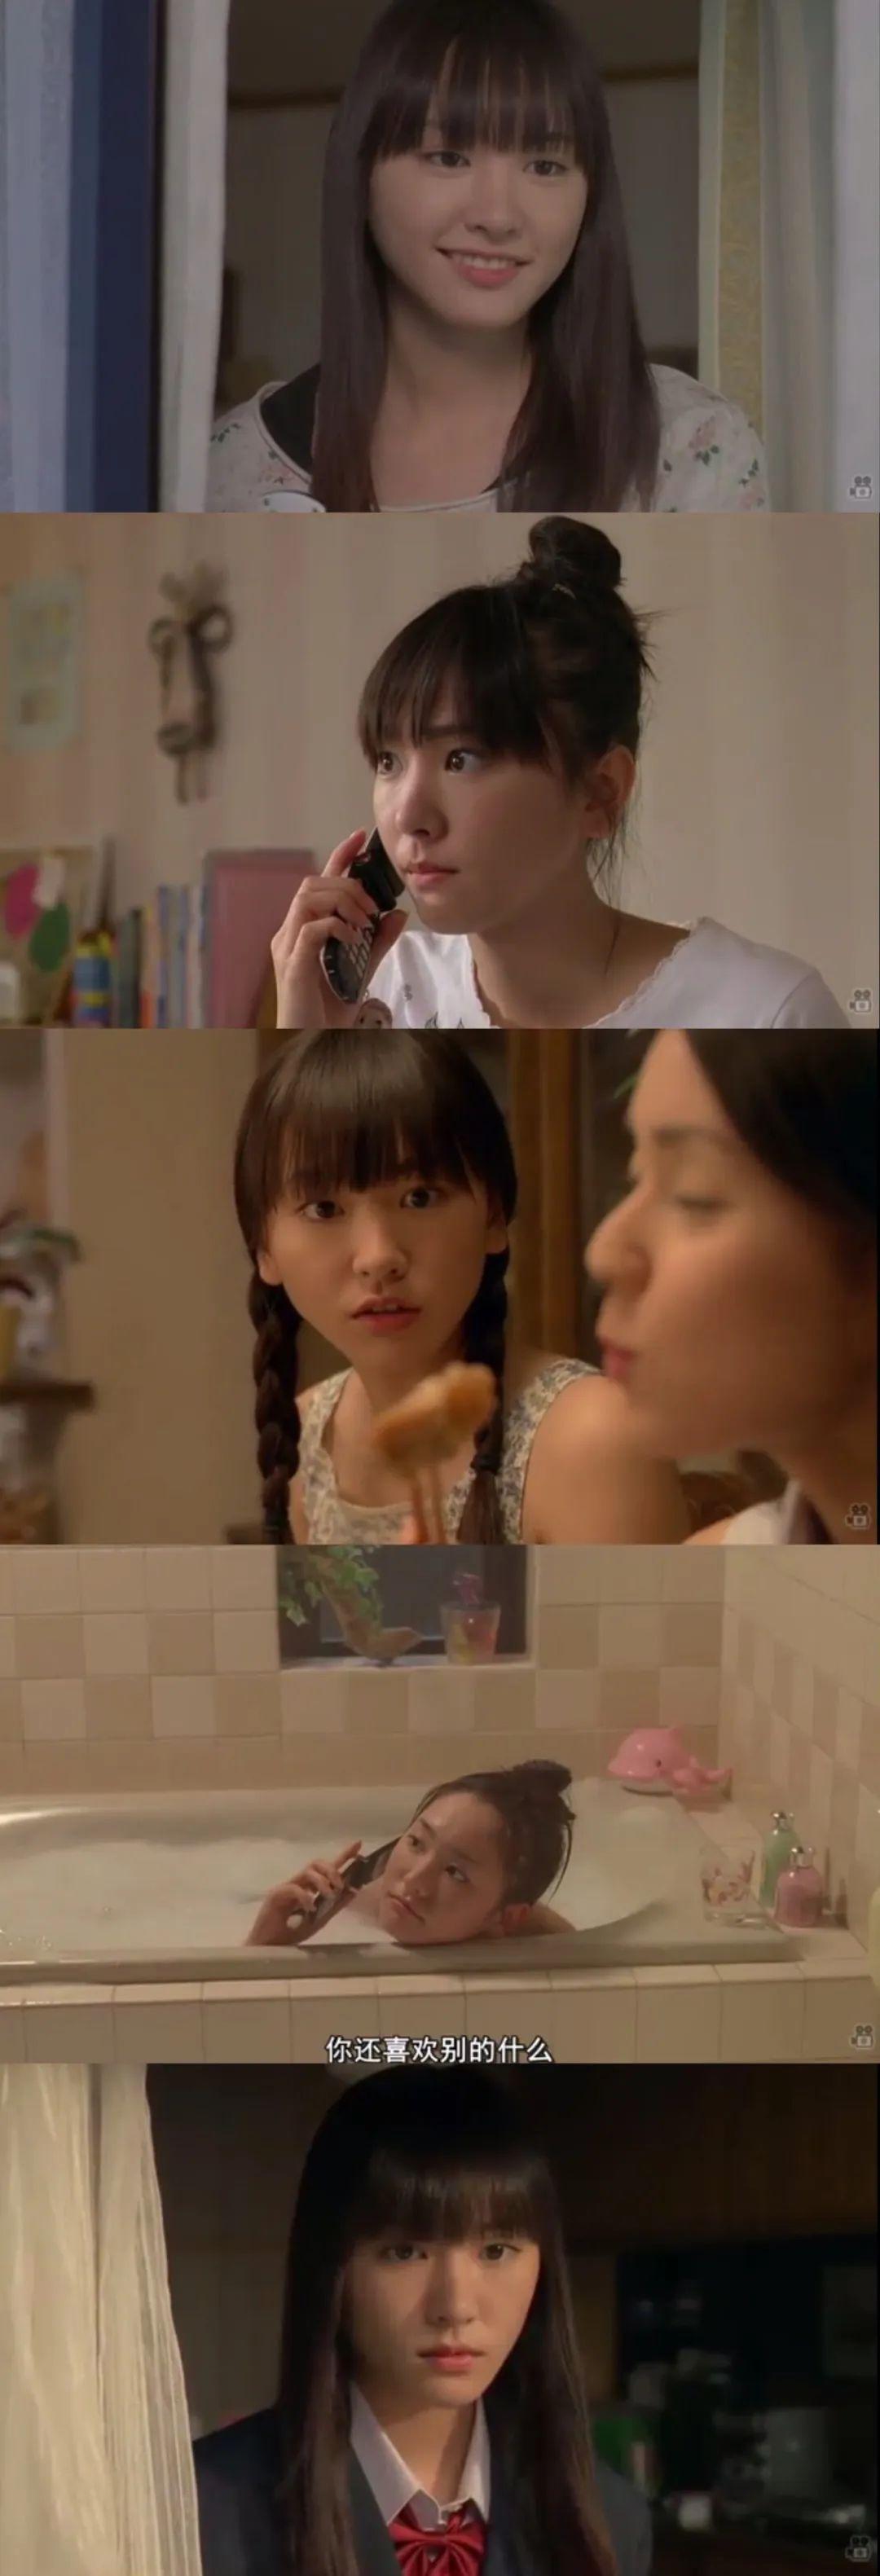 新垣结衣 恋空(2007年)剧情截图,青涩的新垣结衣_图片 No.4